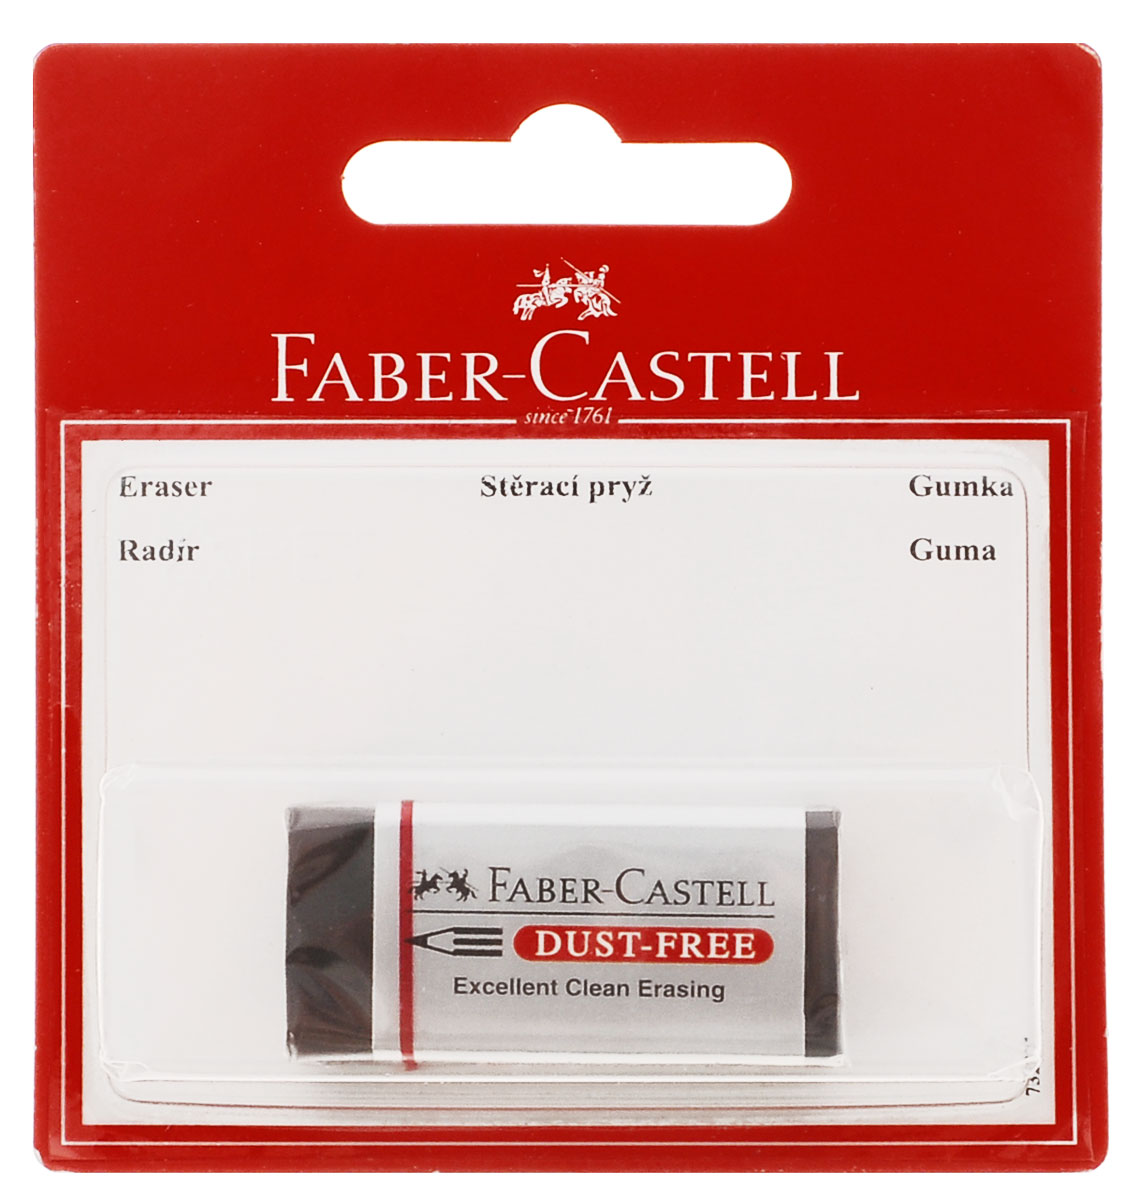 Ластик Faber-Castell DUST FREE из ПВХ в черной защитной упаковке, не содержит фталаты, пригоден для графитных простых и цветных карандашей.Уважаемые клиенты! Обращаем ваше внимание на возможное варьирования размеров товара. Поставка возможна в зависимости от наличия на складе.Размеры ластика: 4,5 х 2 х 1,5 см или 5,7 x 1,7 x 1,3 см.